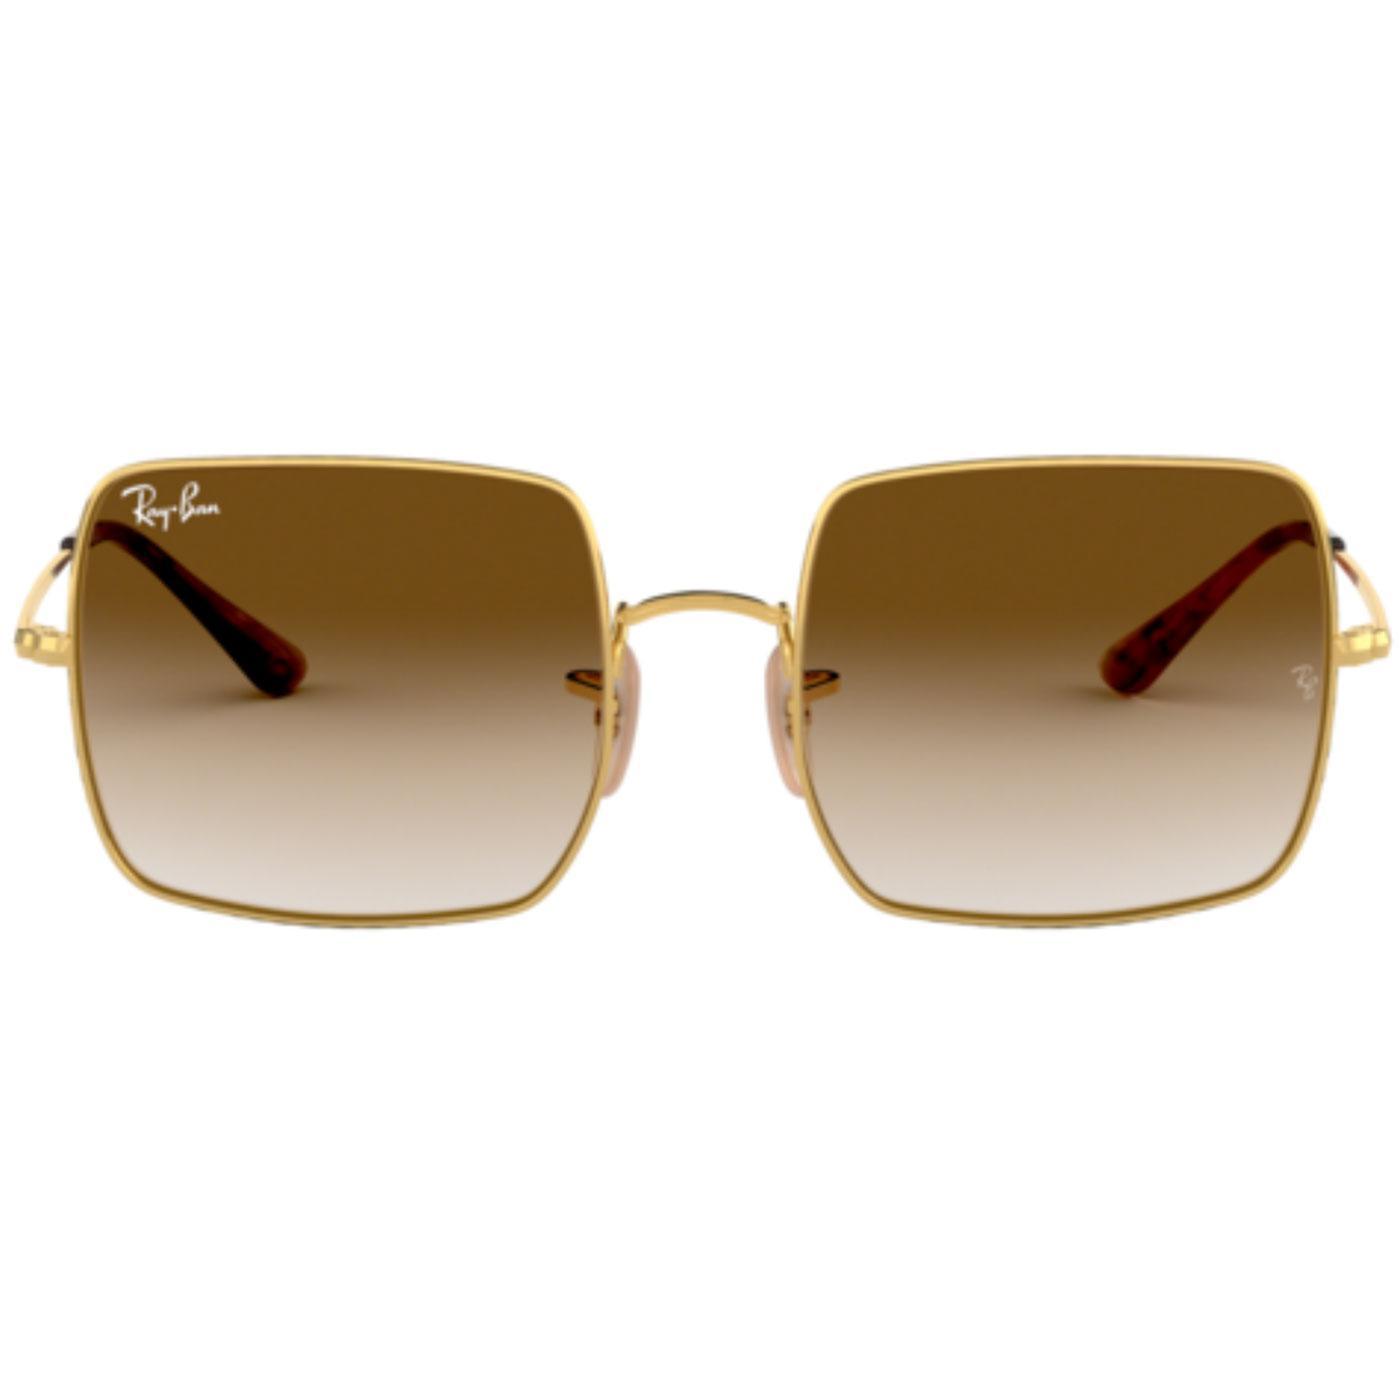 1971 Square RAY-BAN Retro 70s Square Sunglasses B